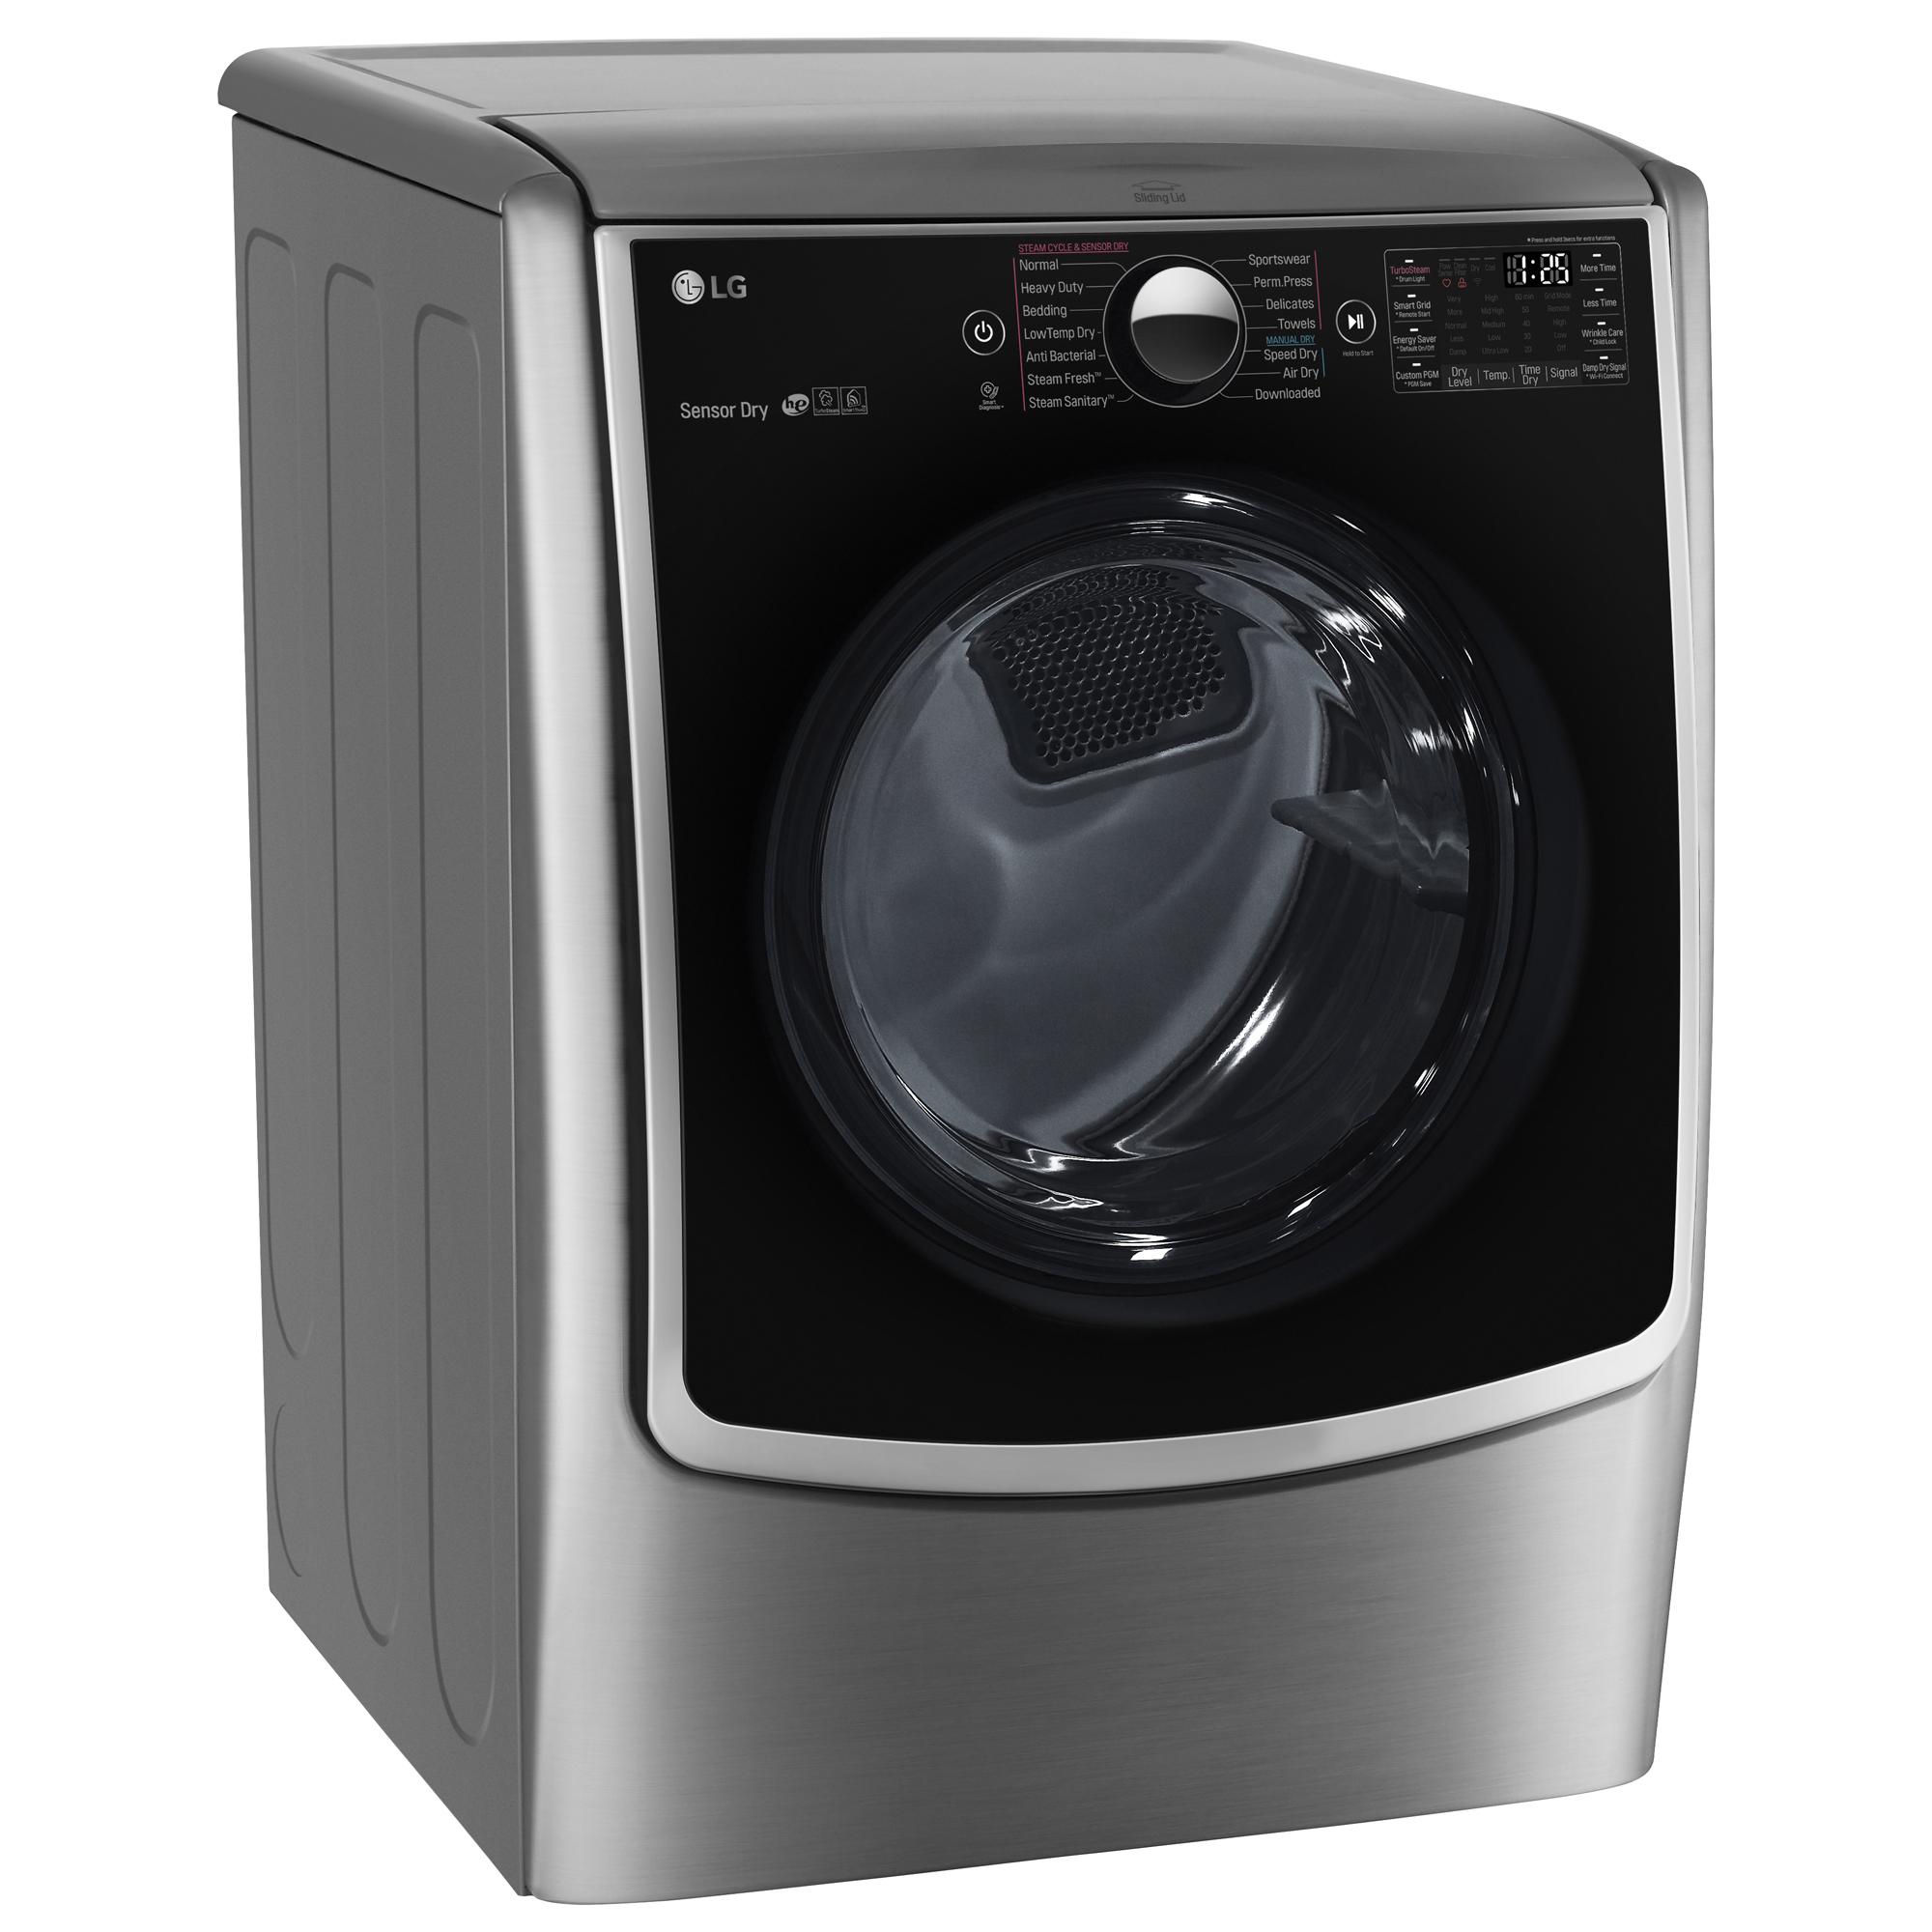 LG DLGX5001V 7.4 cu. ft. Gas Dryer w/ TurboSteam™ Technology – Graphite Steel